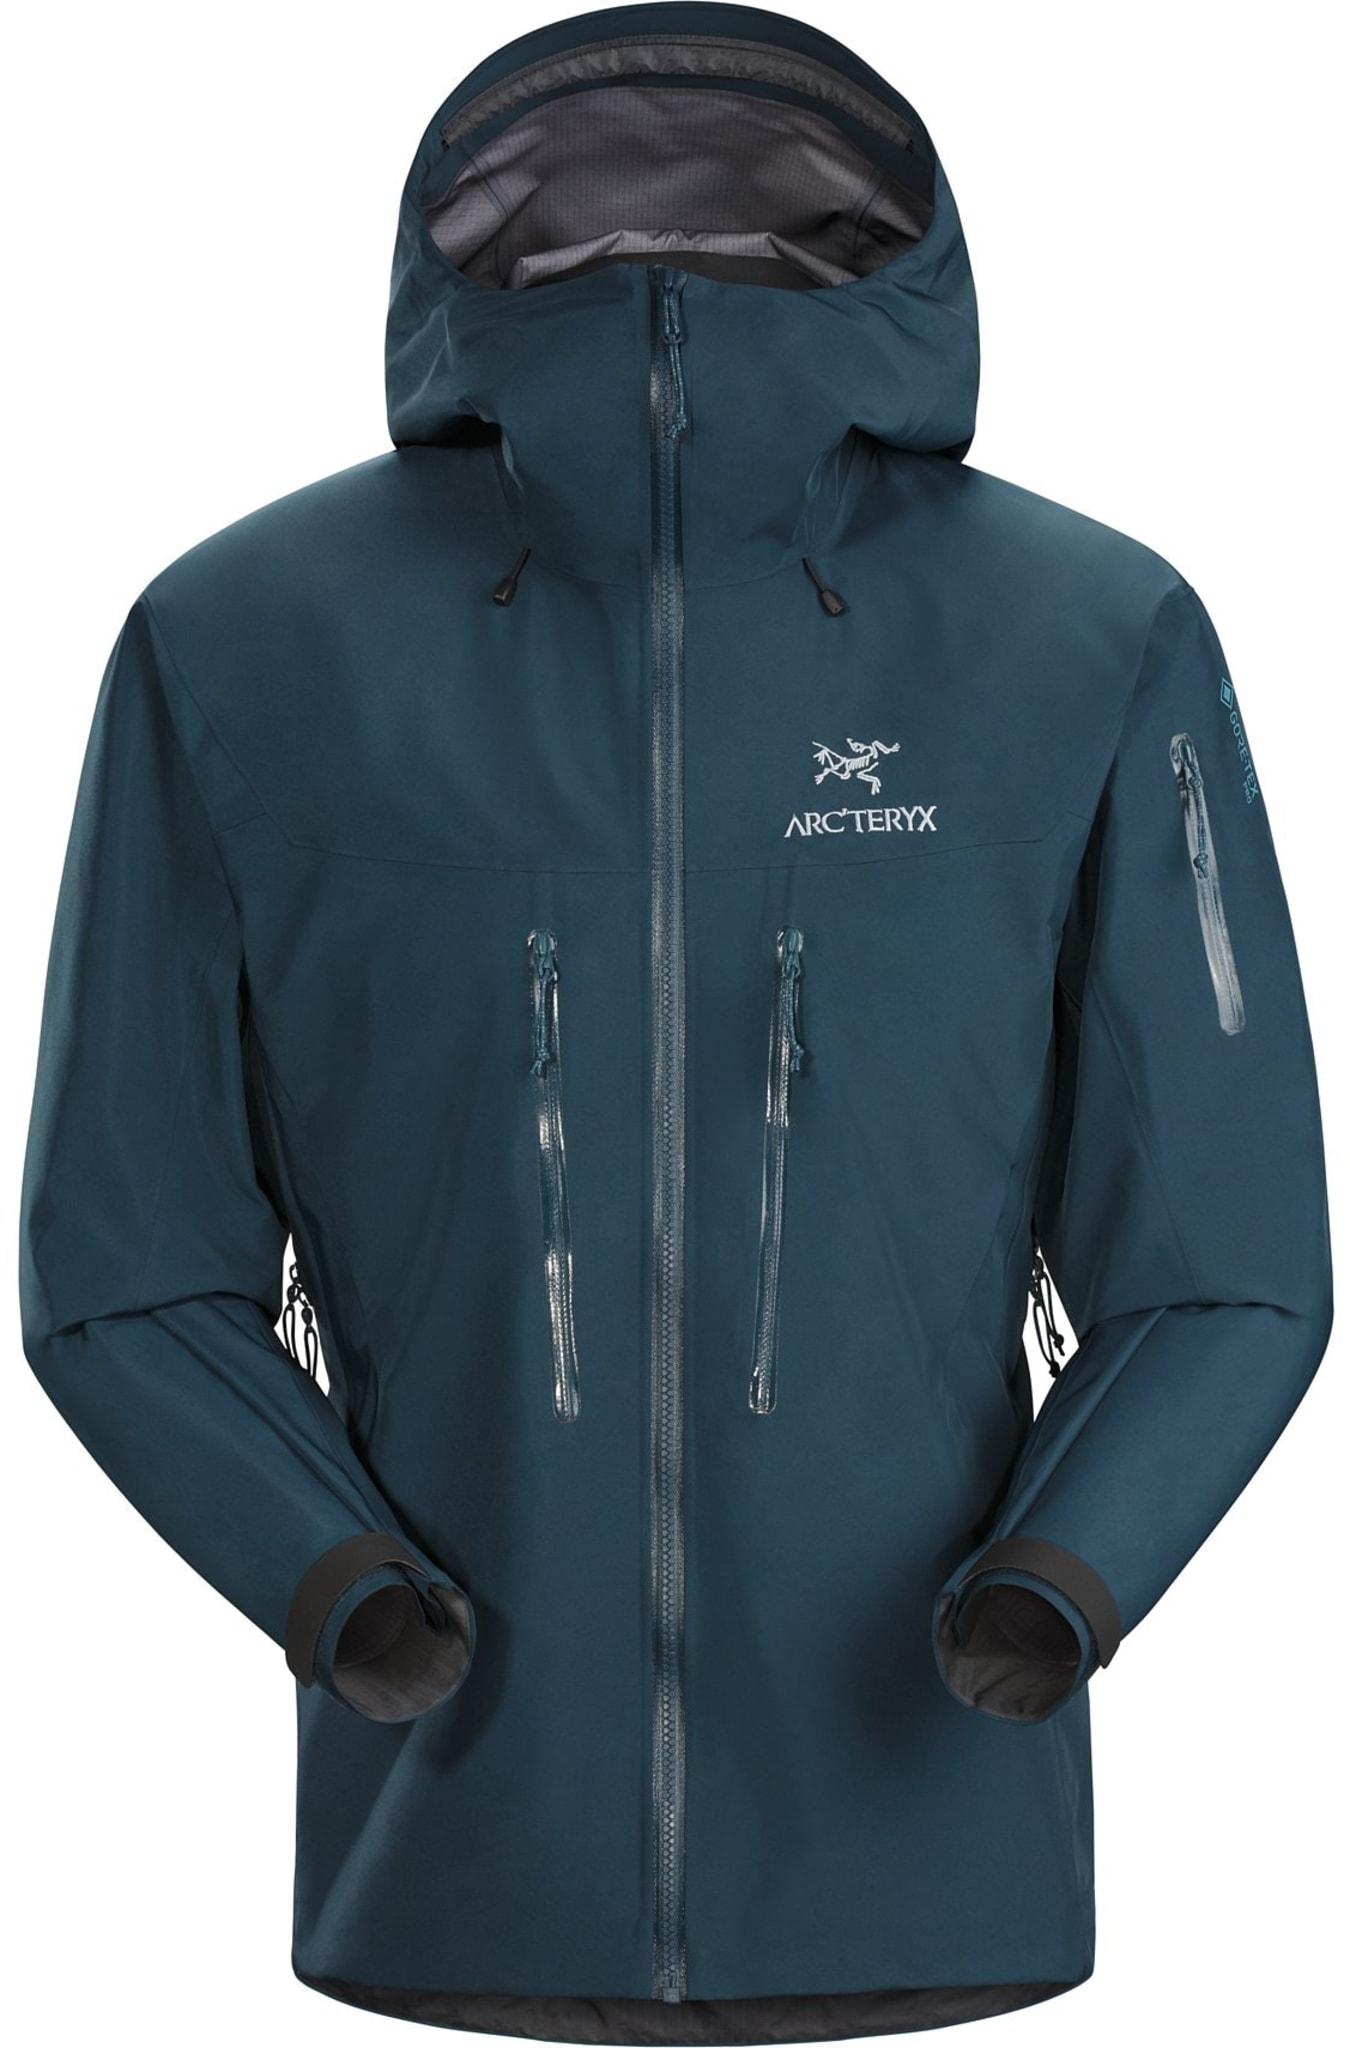 Den mest slitesterke GTX® Pro-jakken for krevende alpine utfordringer